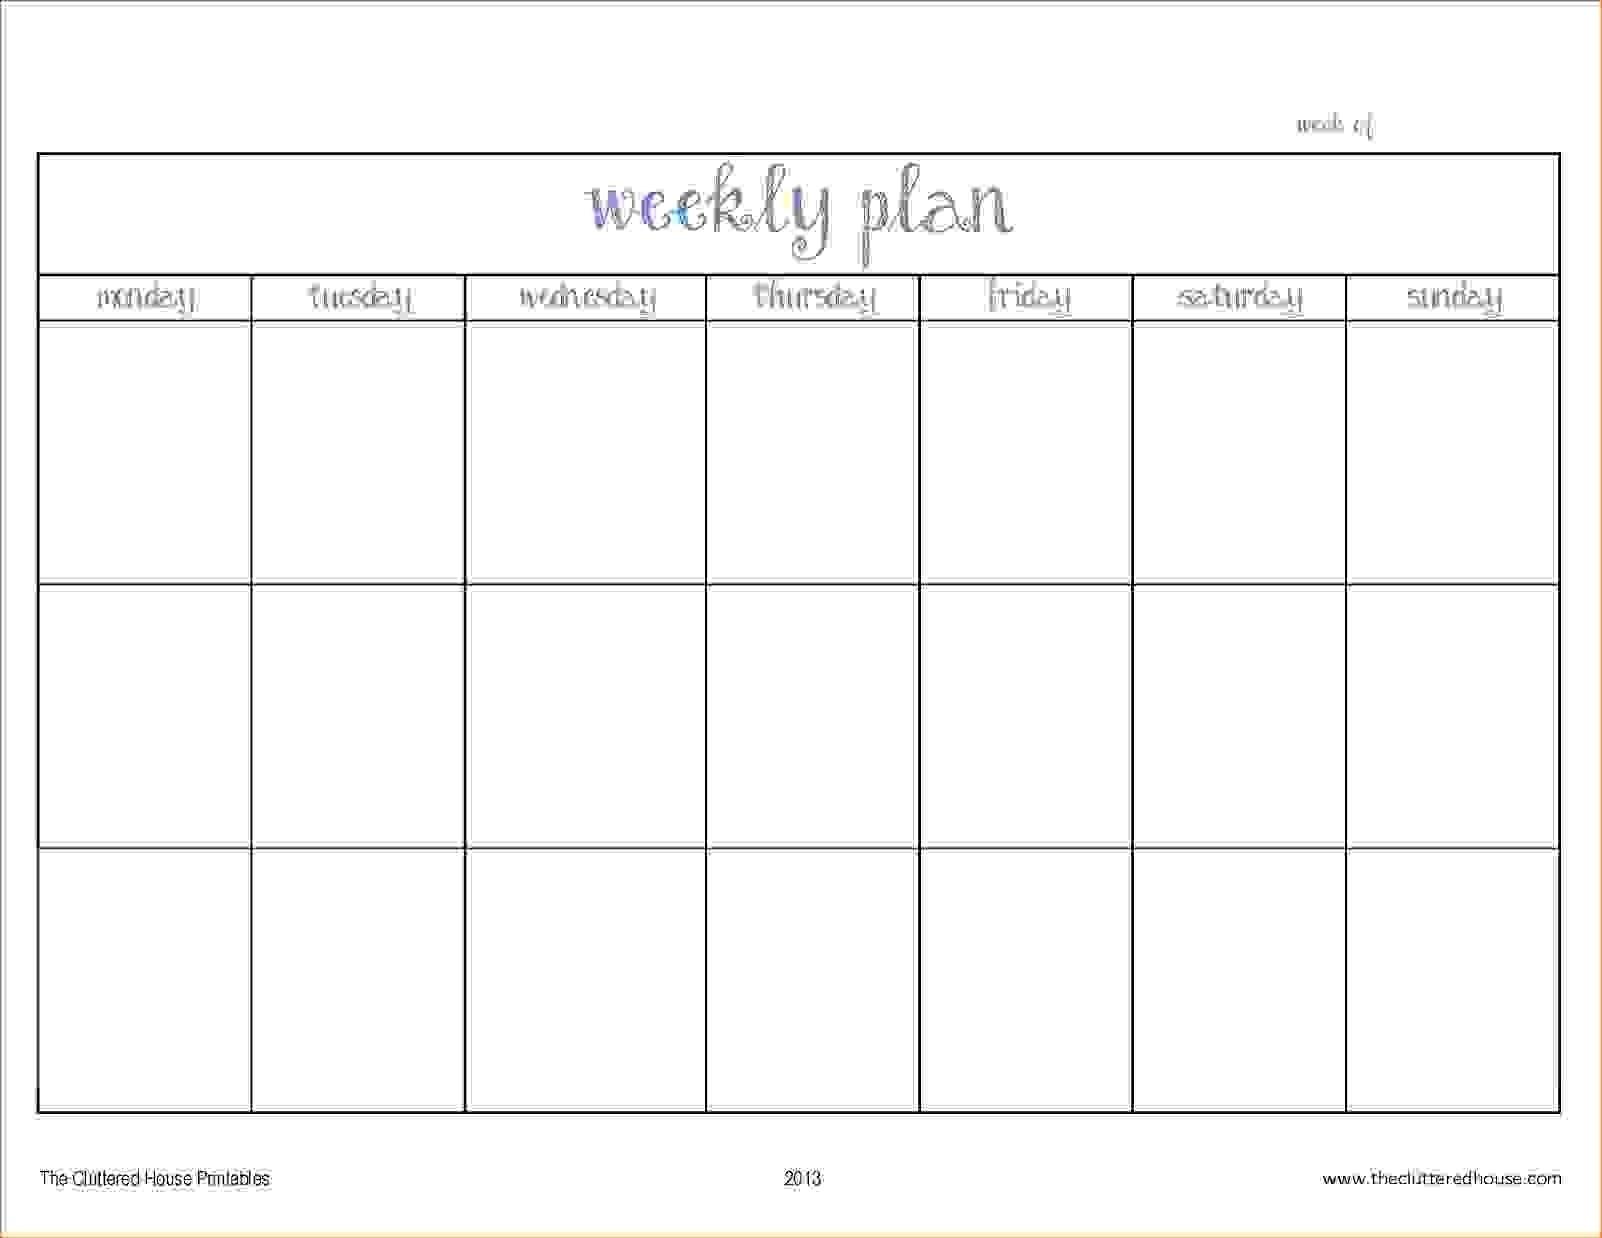 Printable Two Week Calendar Free Blank Template | Smorad inside Two Week Blank Calendar Template